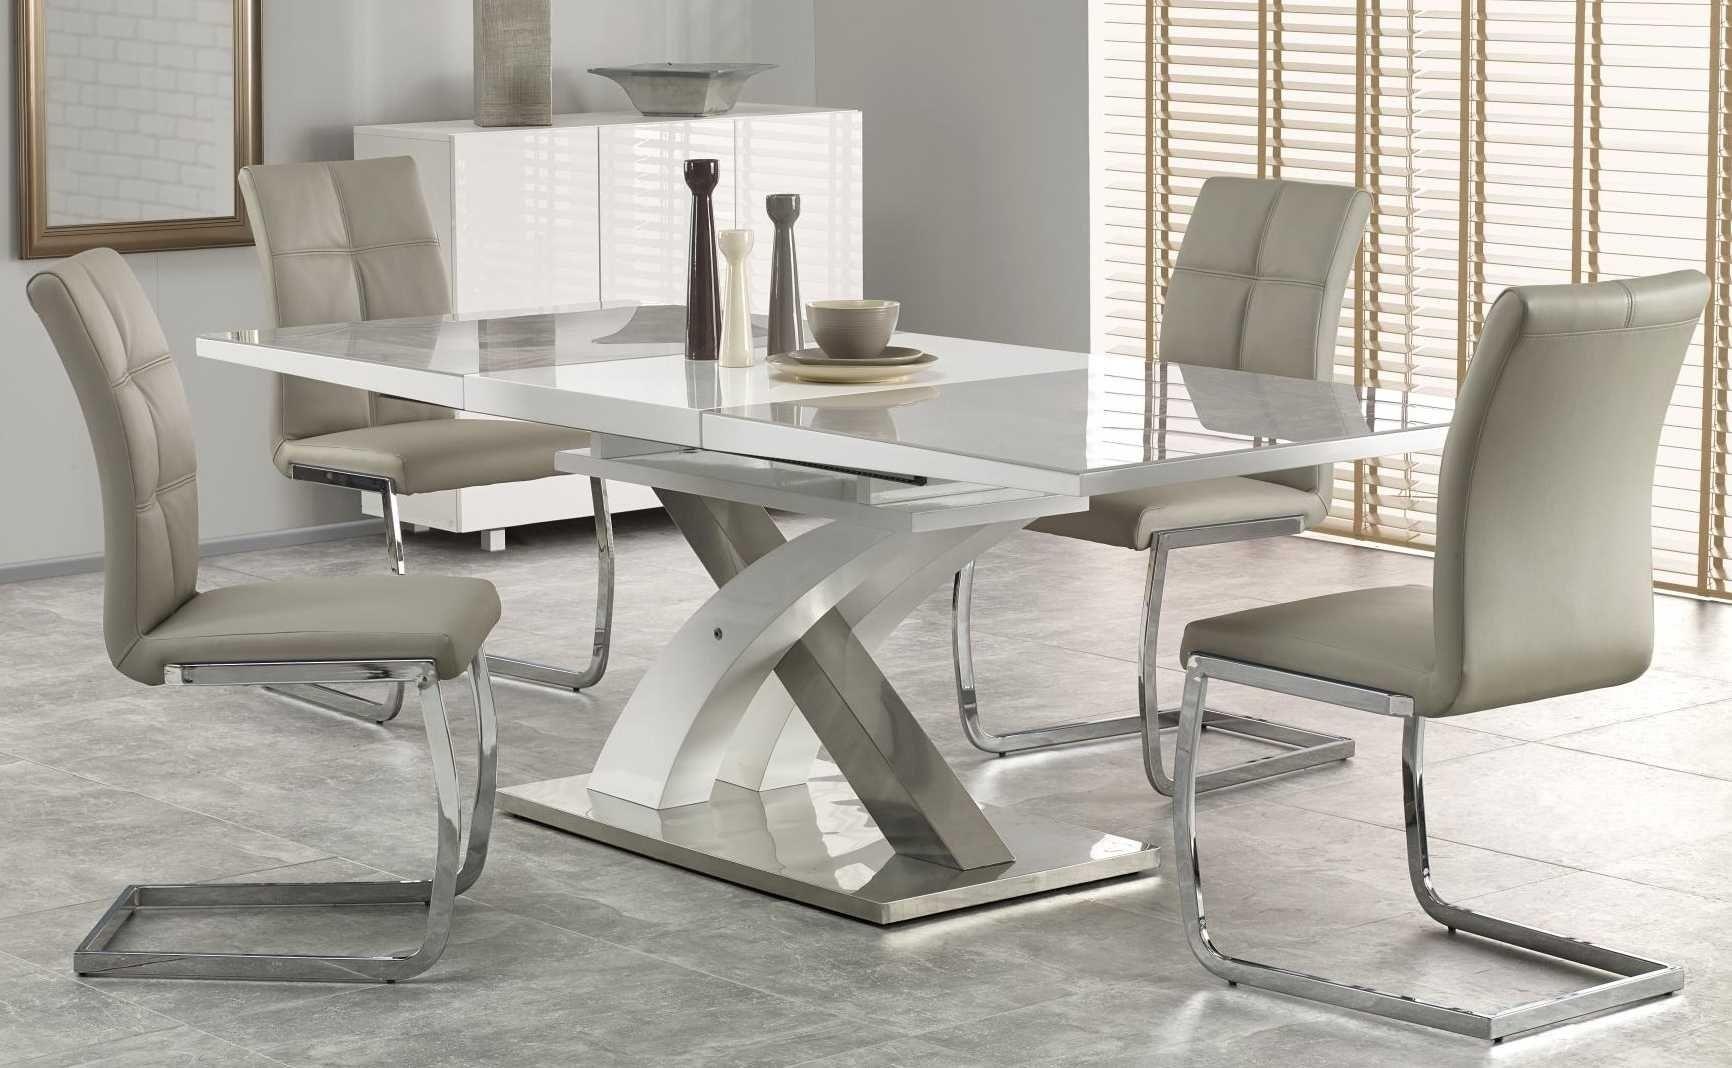 Zestaw: stół rozkładany Sandor 2 i 4 krzesła K228 Halmar